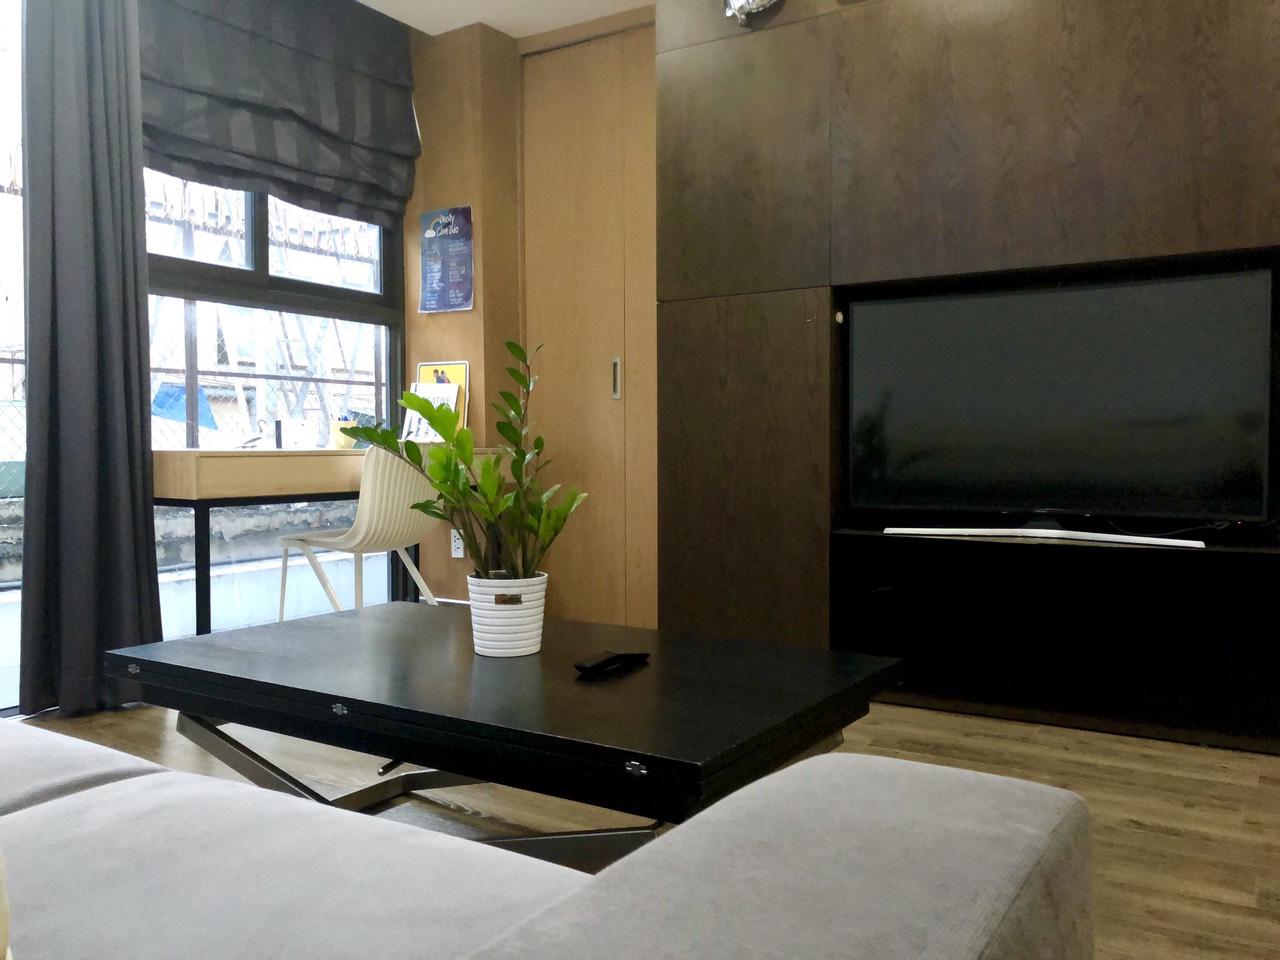 Cho Thuê 1 PN Nguyen Thi Minh Khai D1 Serviced Apartment - Đầy Đủ Nội Thất & Ấm Cúng -4